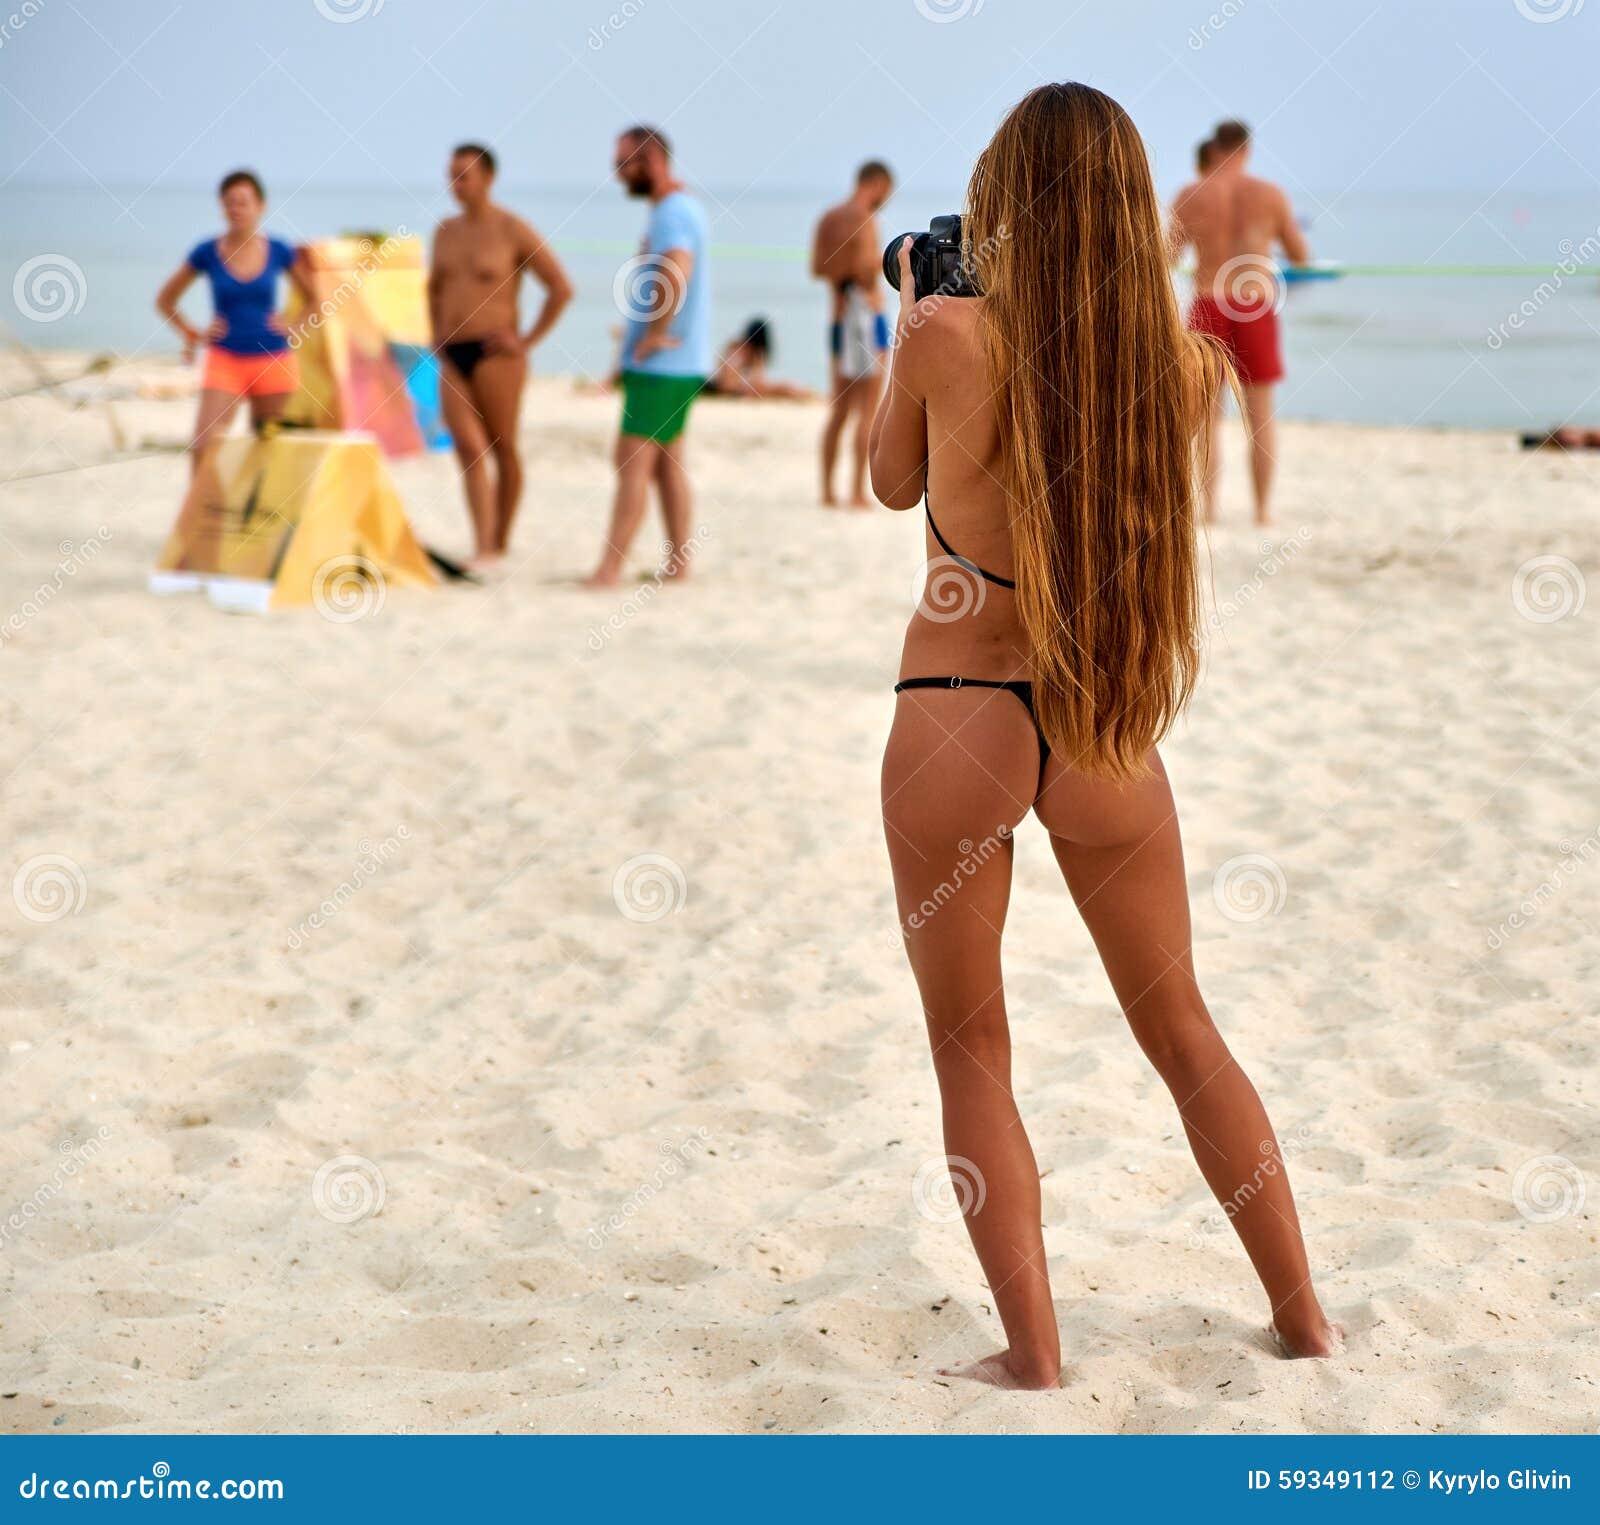 Amizing Teen In Bikini With 26